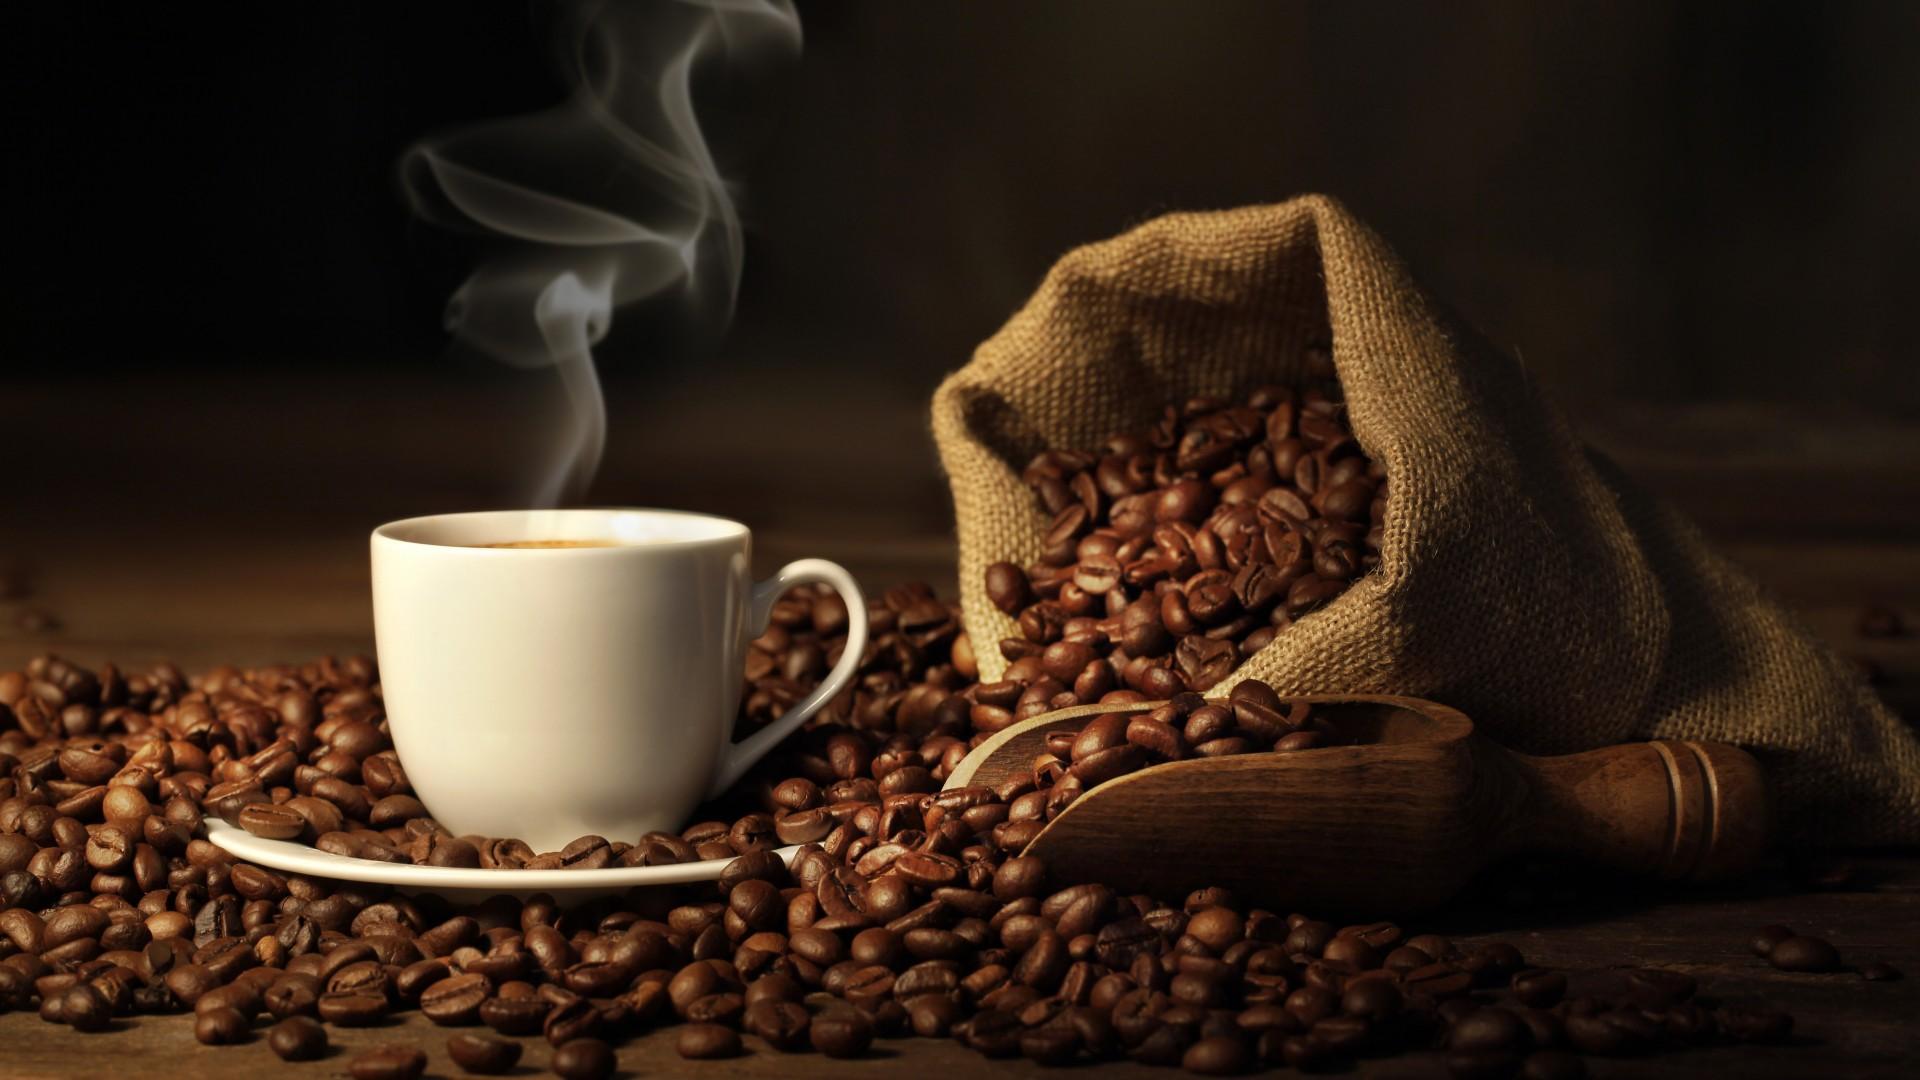 mô hình cà phê sách